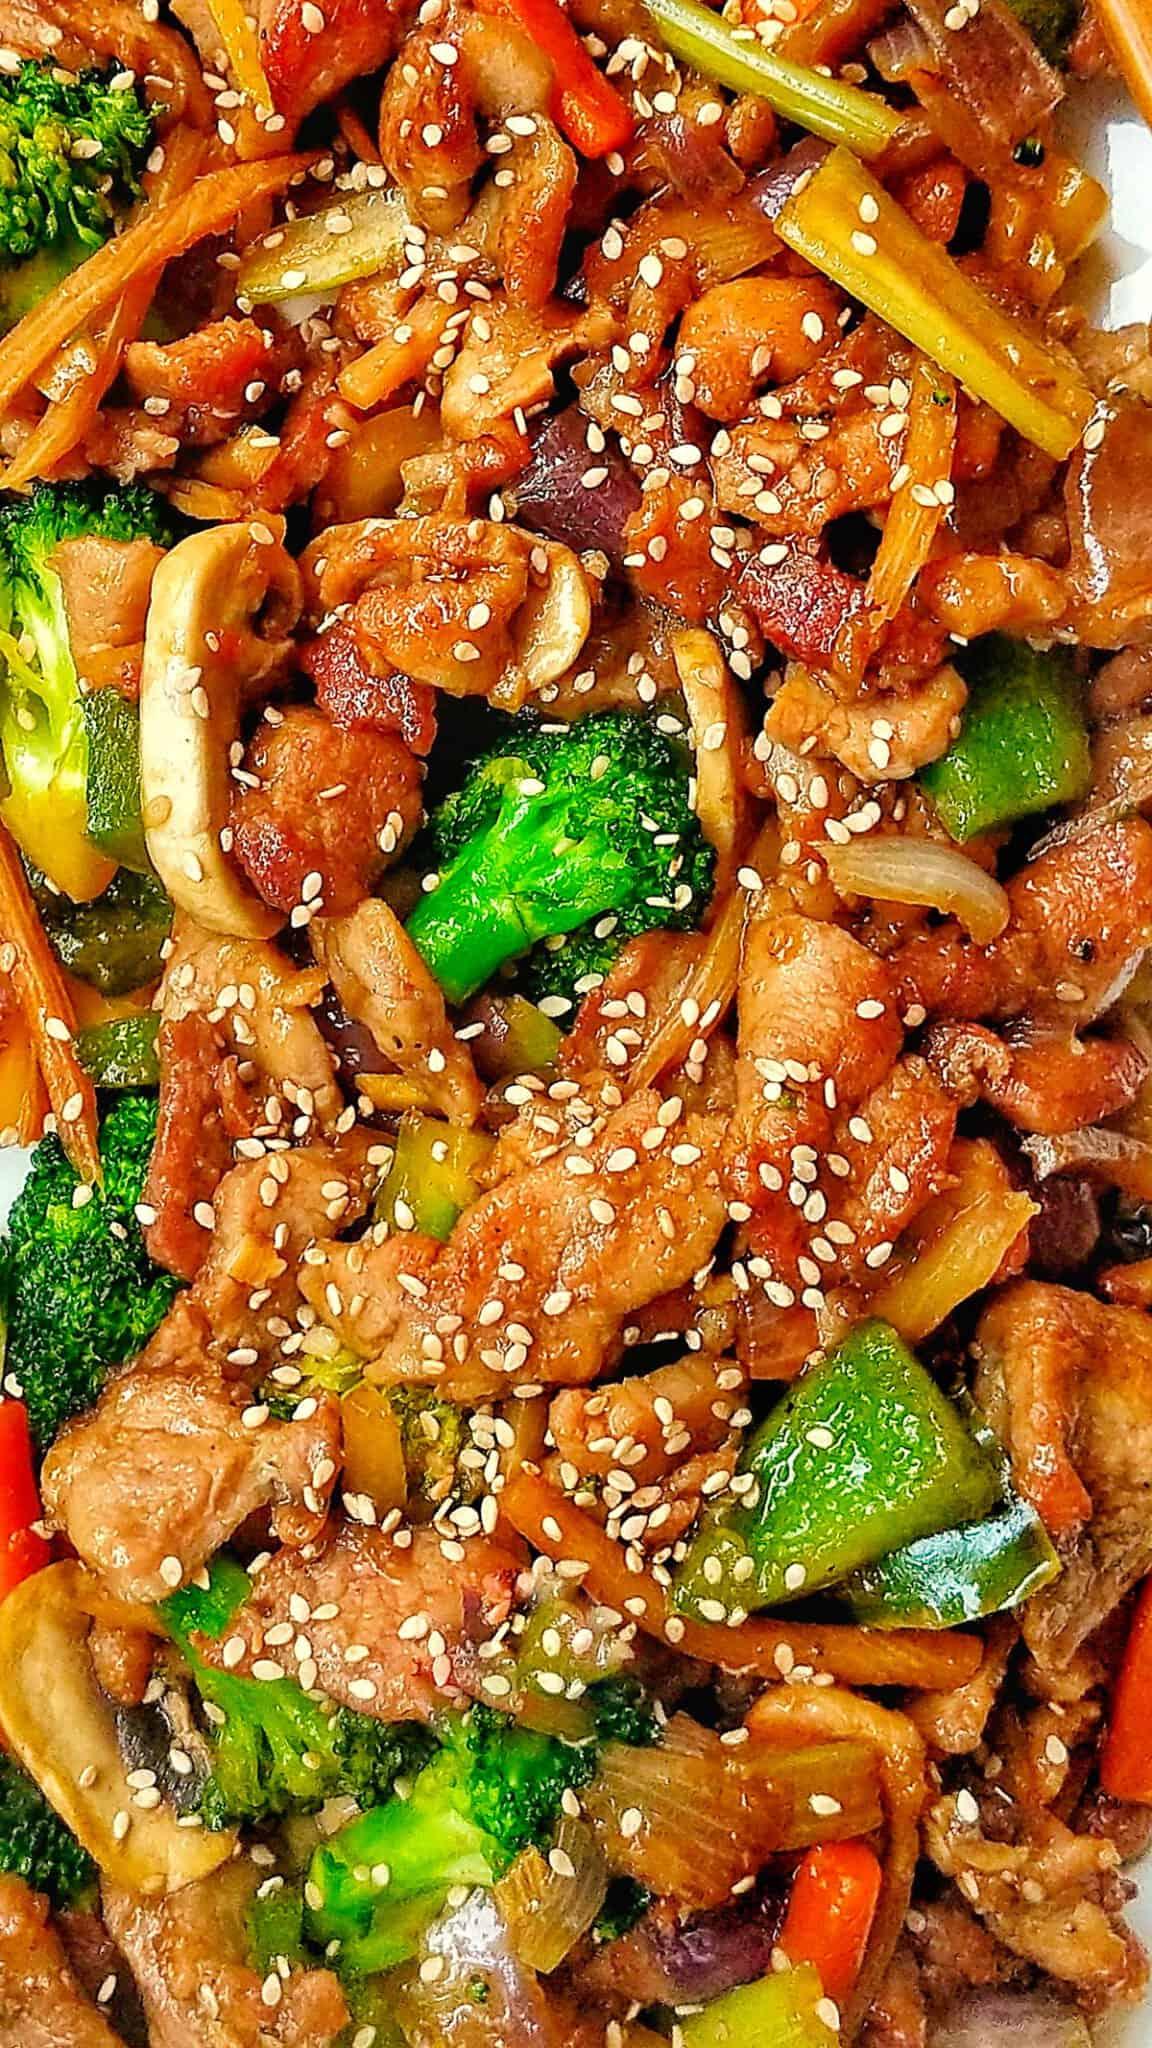 Eine Nahaufnahme vom asiatisch gebratenen Schweinefleisch mit verschiedenen Gemüsesorten.